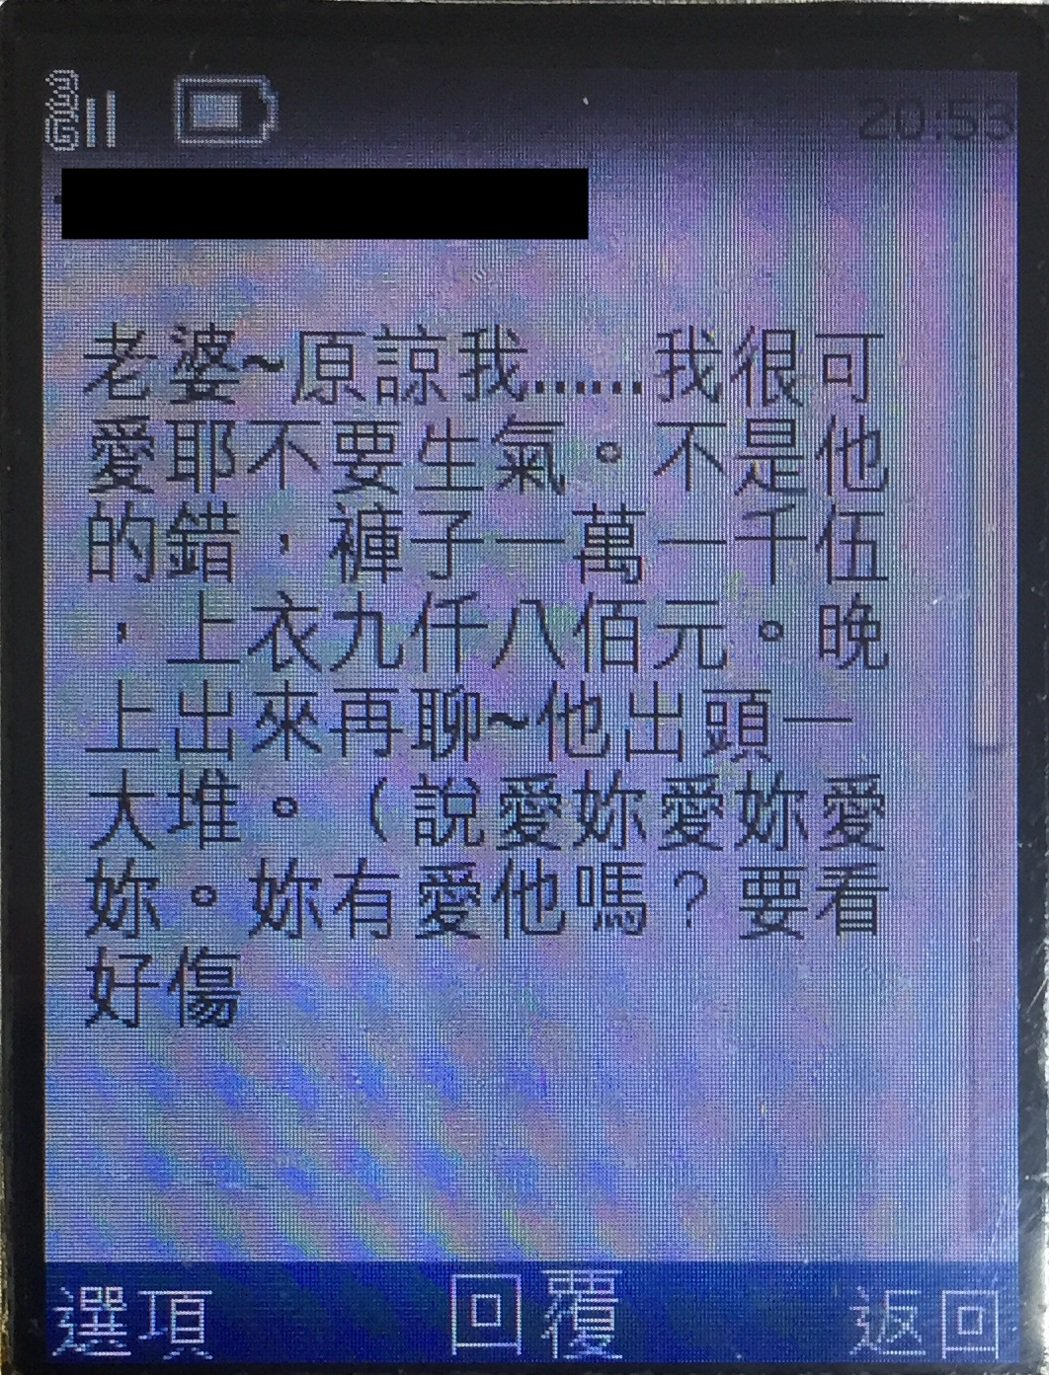 林女分飾兩角,扮演「陳士豪」傳簡訊給呂女,還稱呼「老婆」。記者劉星君/翻攝